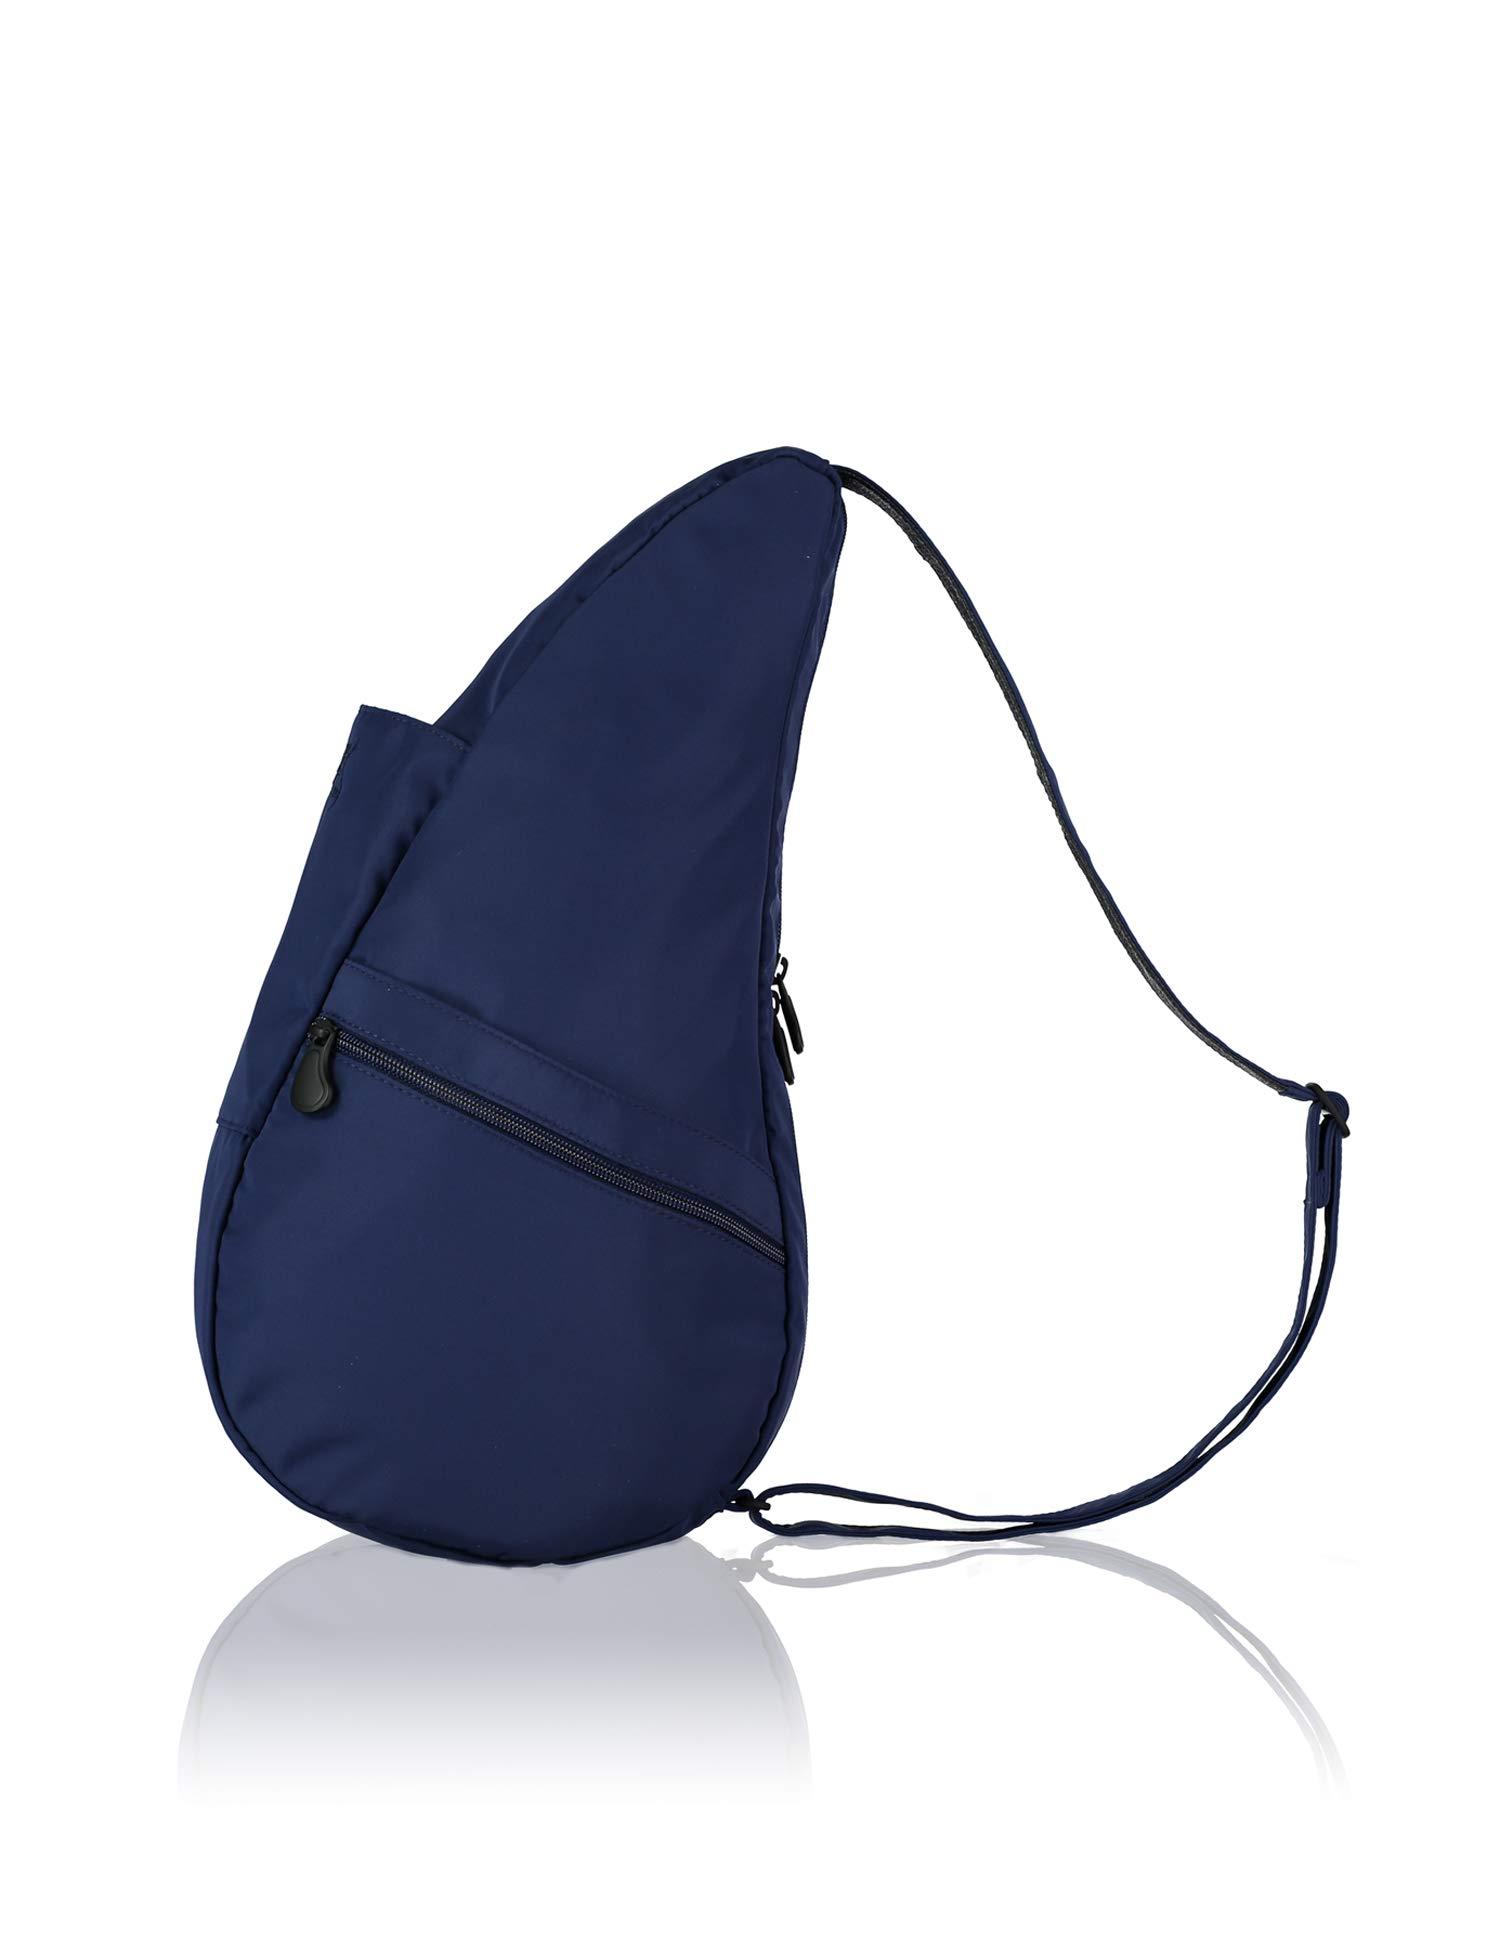 AmeriBag Classic Healthy Back Bag tote Microfiber